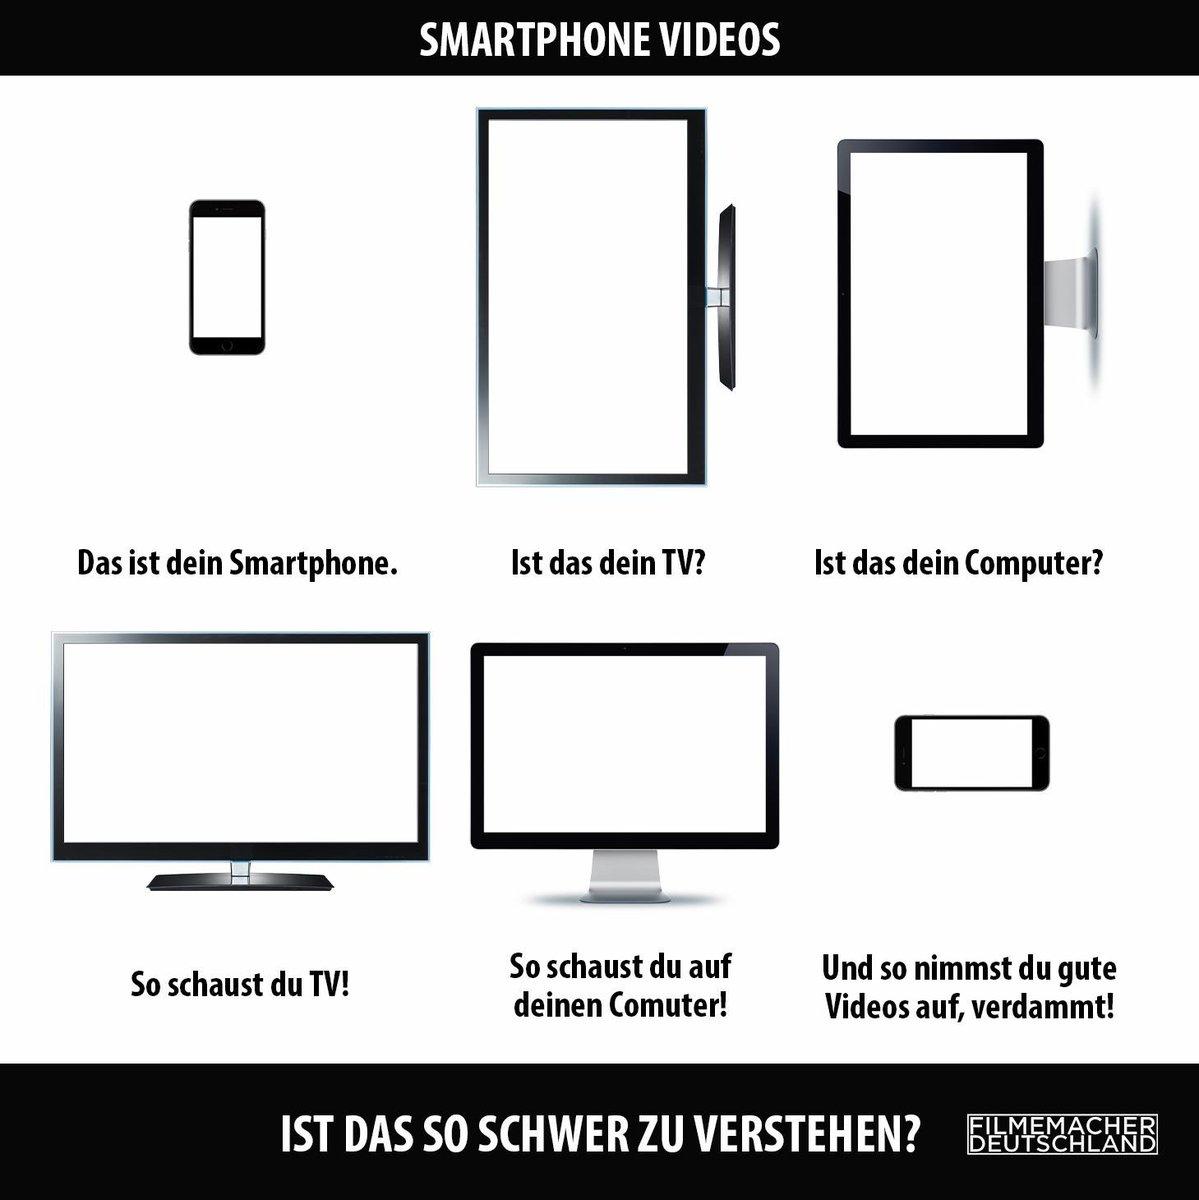 Zum Thema Hochkant Smartphone Videos ! https://t.co/HcQHPpoYGn